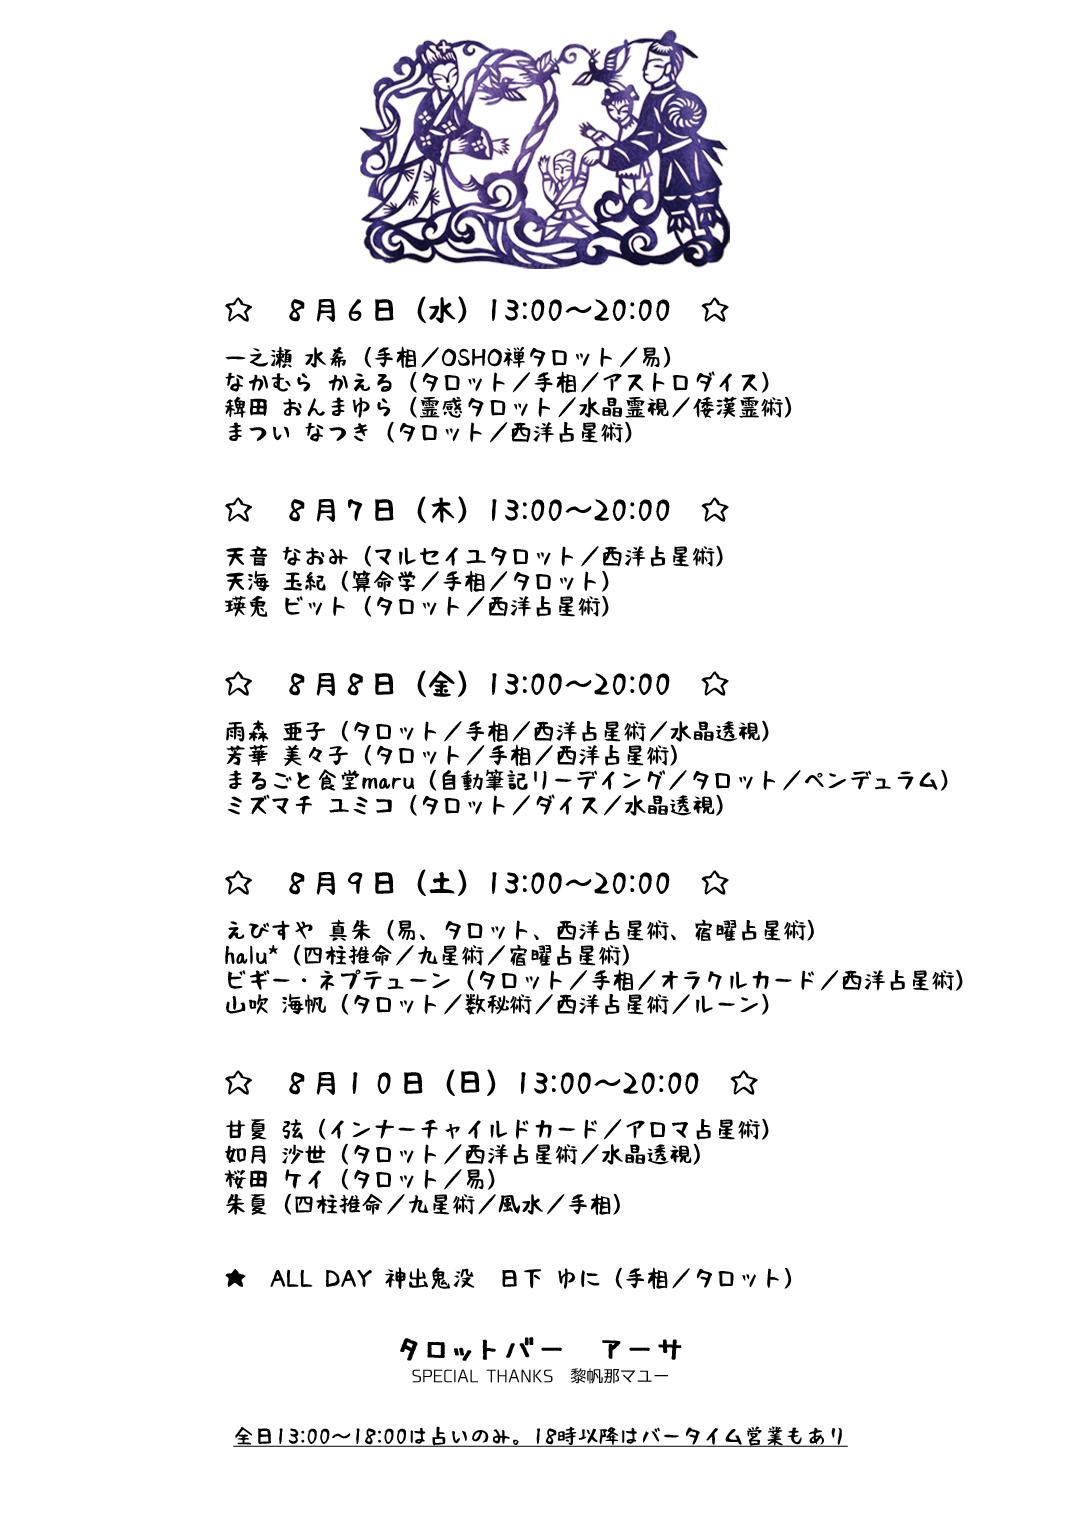 2014asagaya-ura-2.jpg